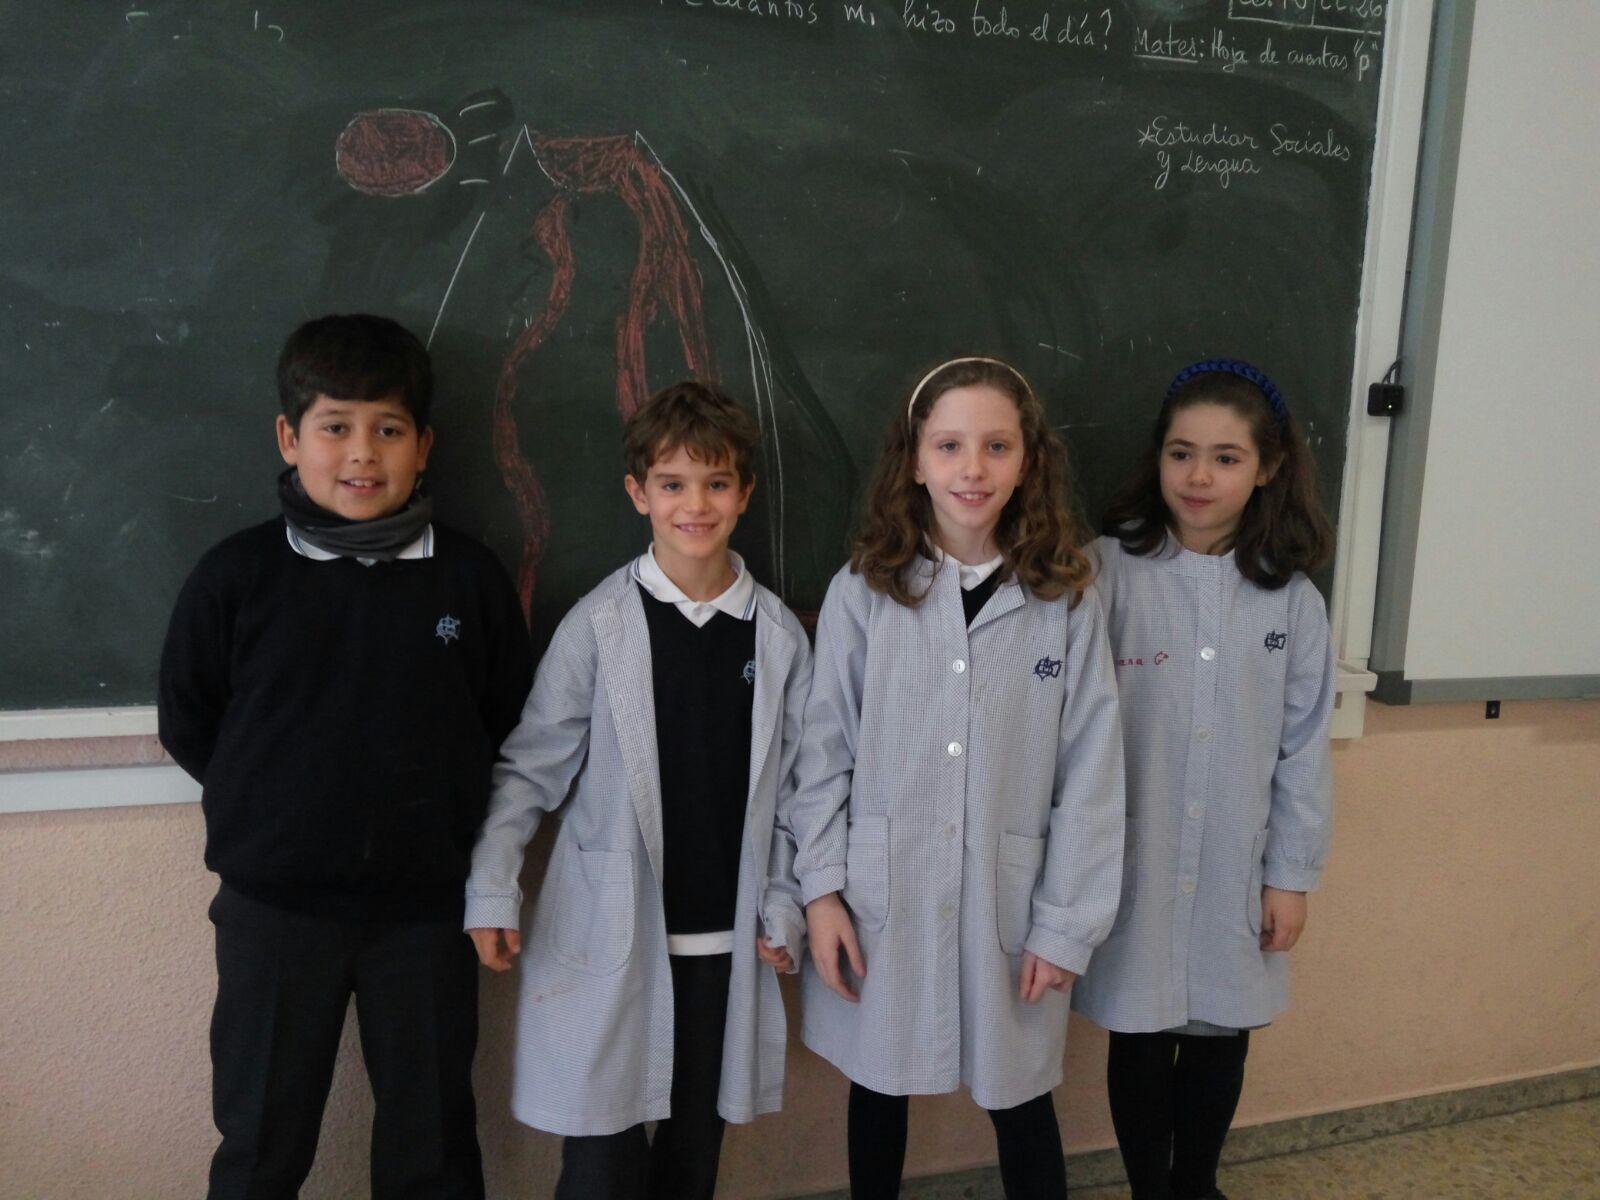 Agustinas Valladolid 2017 - Primaria 4 - English Grammar 4